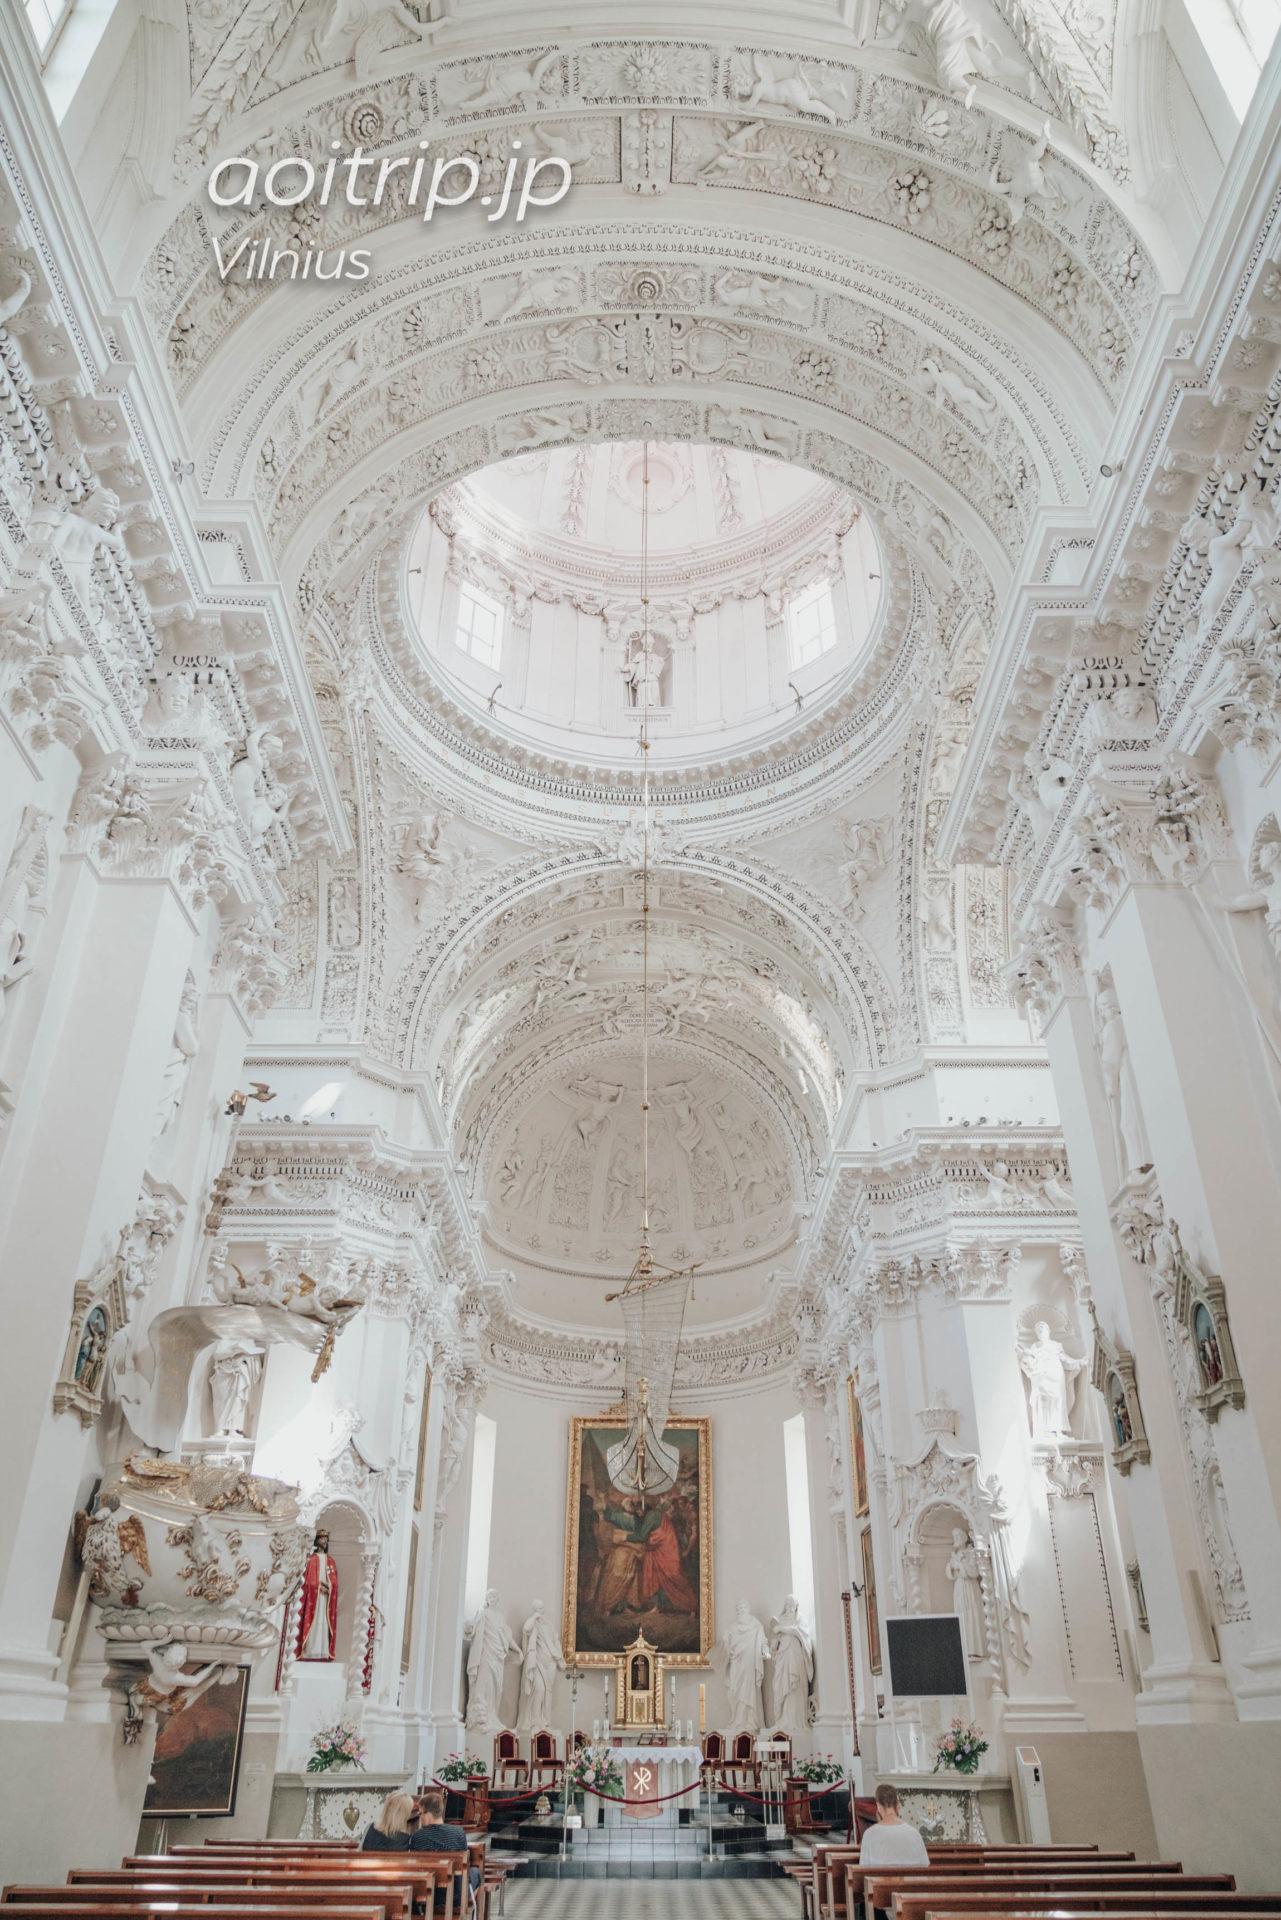 リトアニア ヴィリニュスの聖ペテロ&パウロ教会